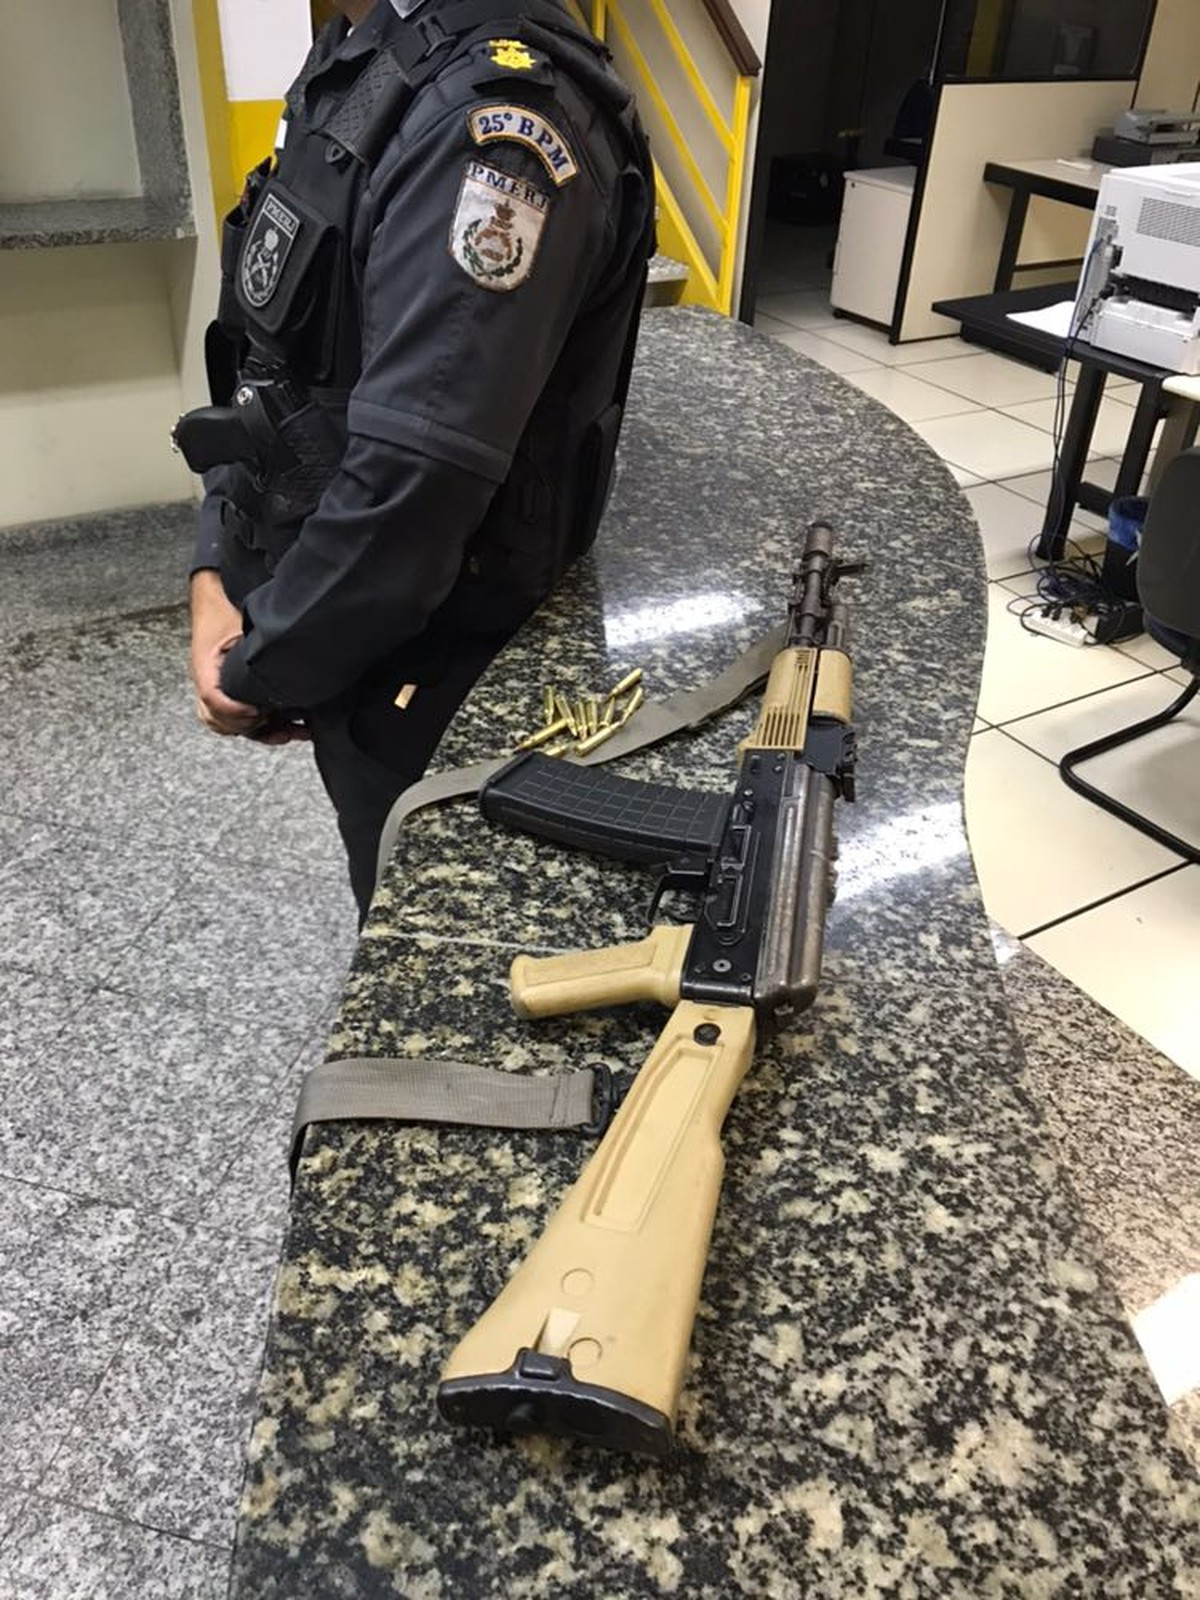 Polícia Militar apreende fuzil após troca de tiros em Cabo Frio, no RJ